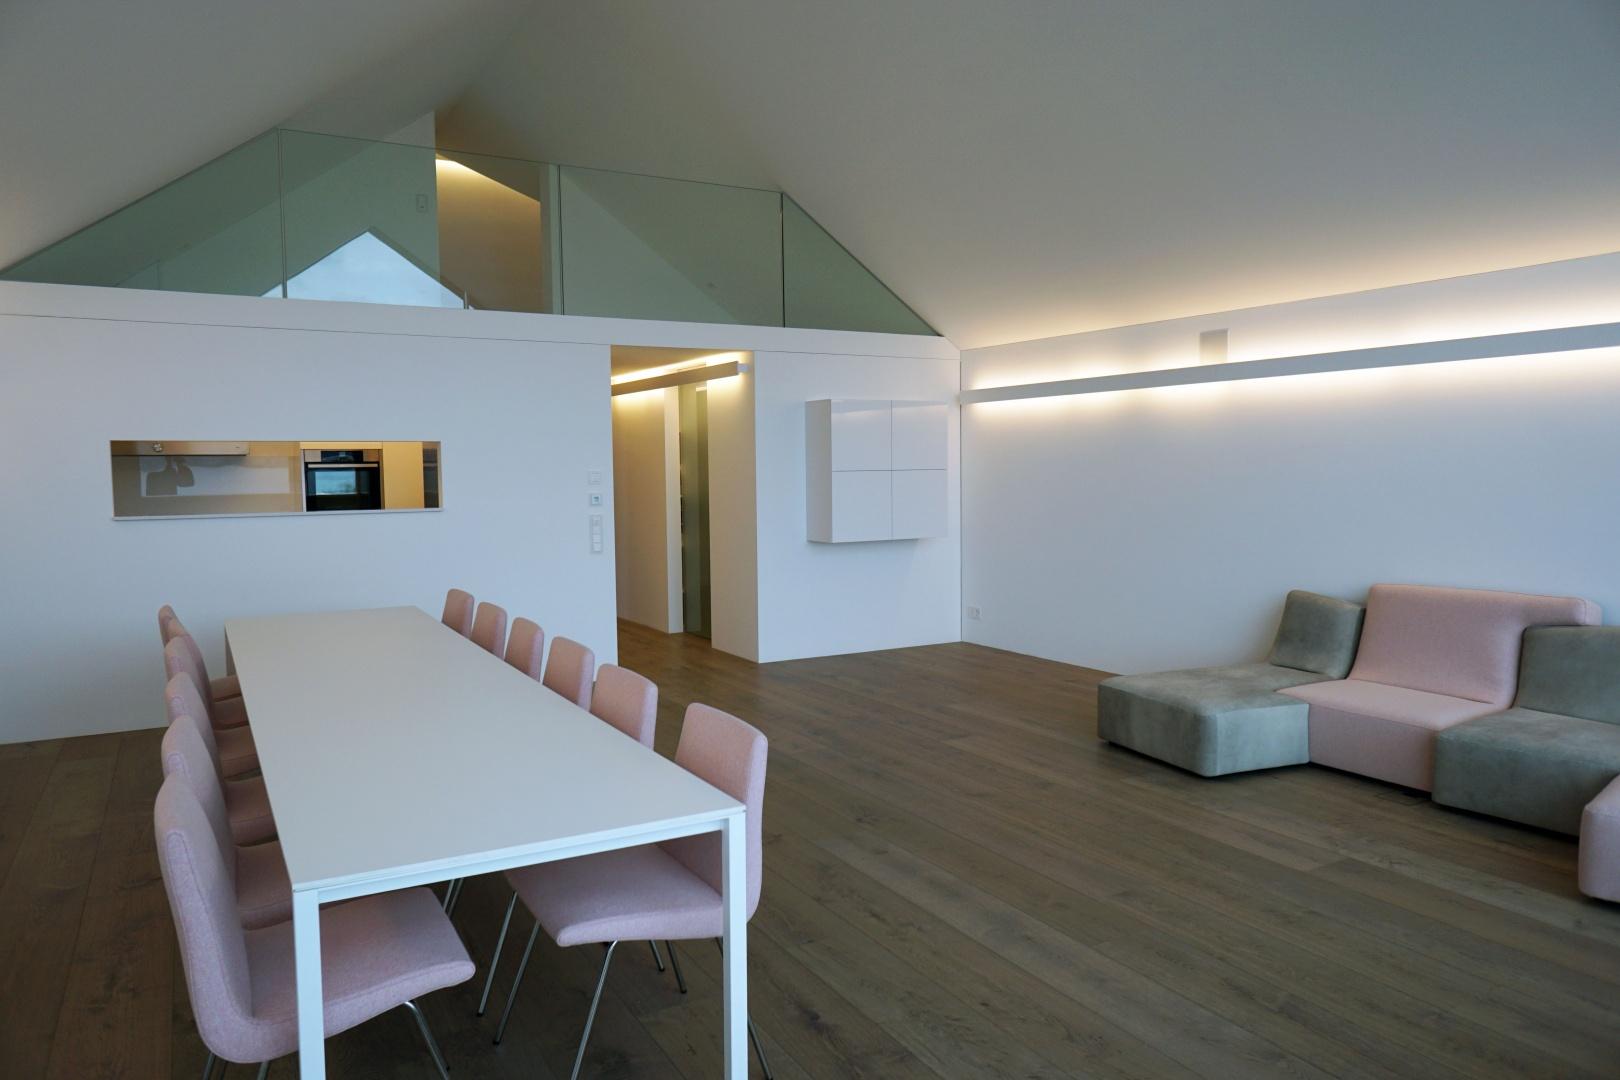 Wohnzimmer4 © Nori-SASAKI  Hagenholzstrasse 104a 8050 Zürich